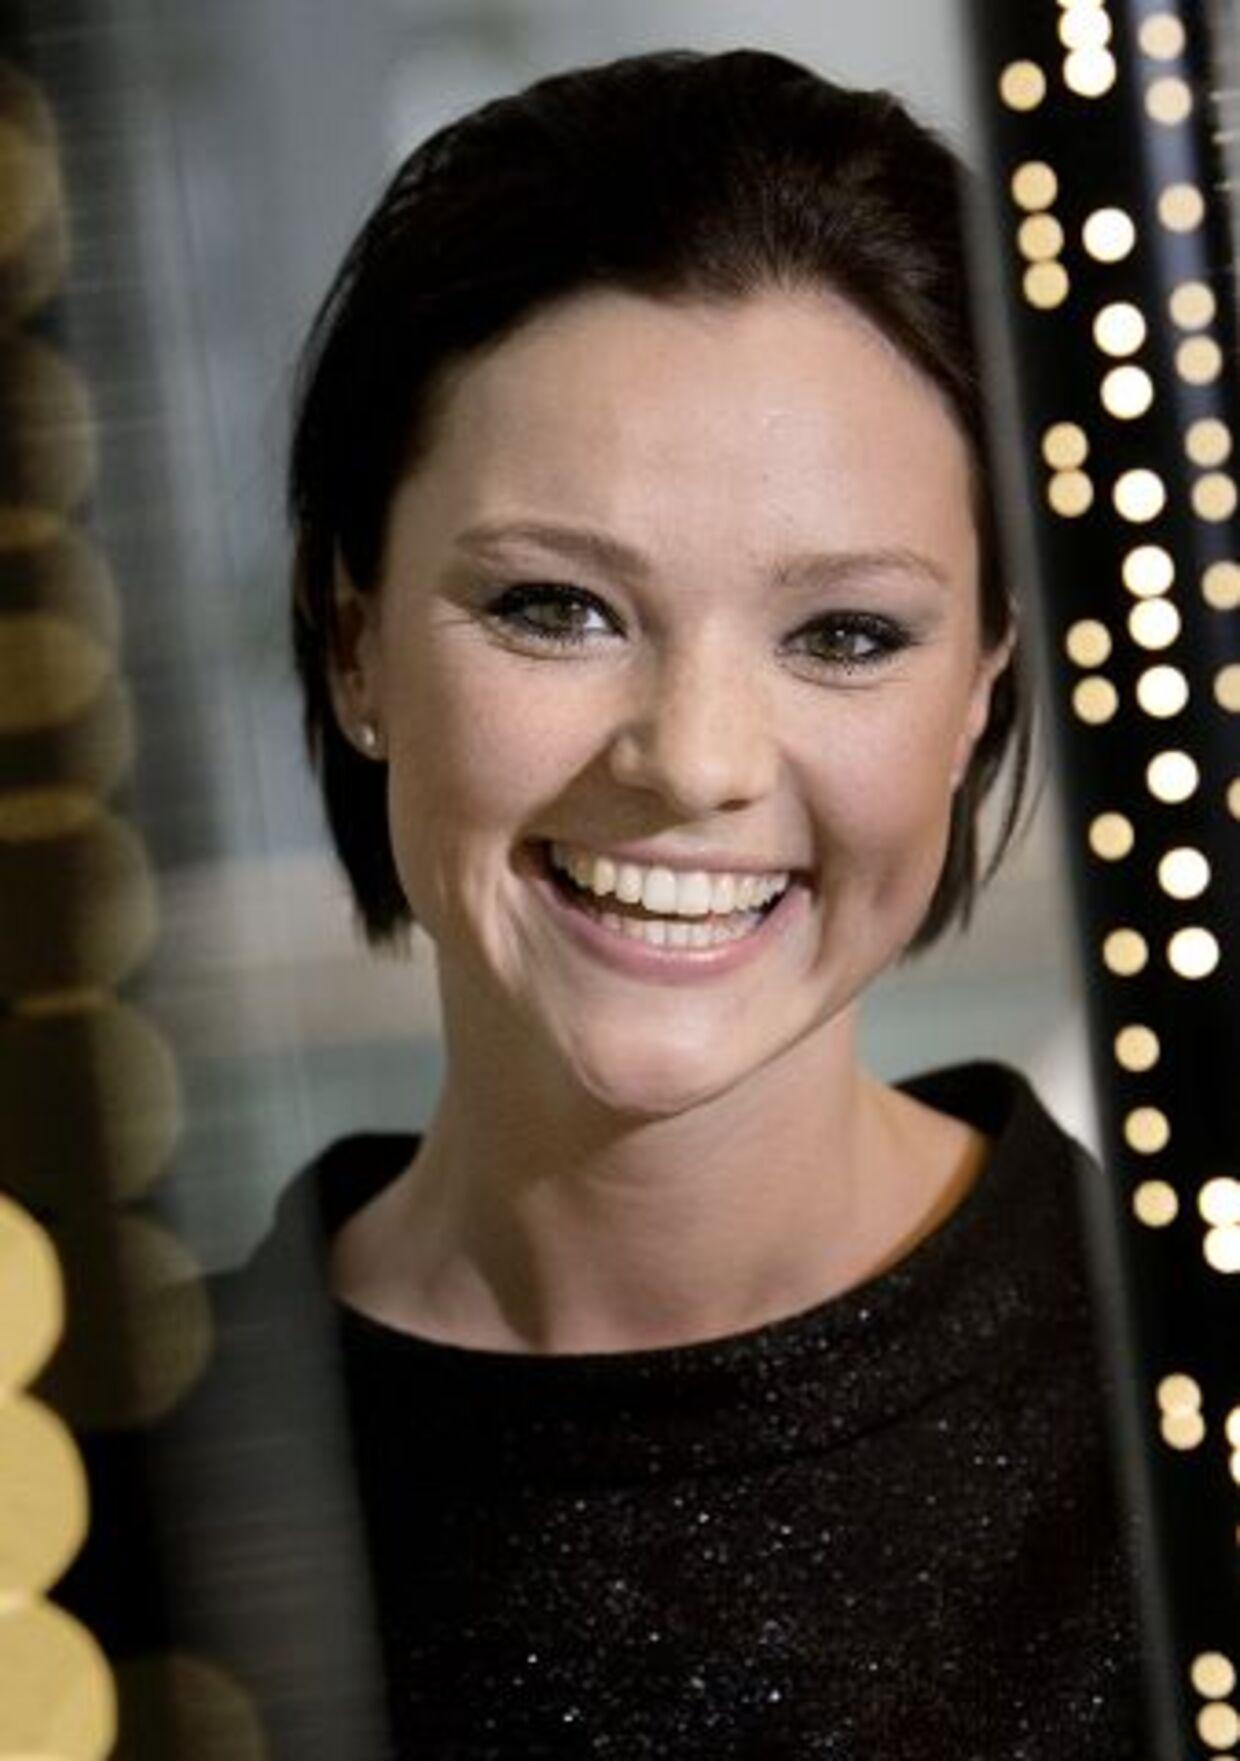 Lise Rønne er en meget populær tv-vært – og var nomineret til årets kvindelige tv-vært for 'X-factor'. Nu er hun forelsket på ny.